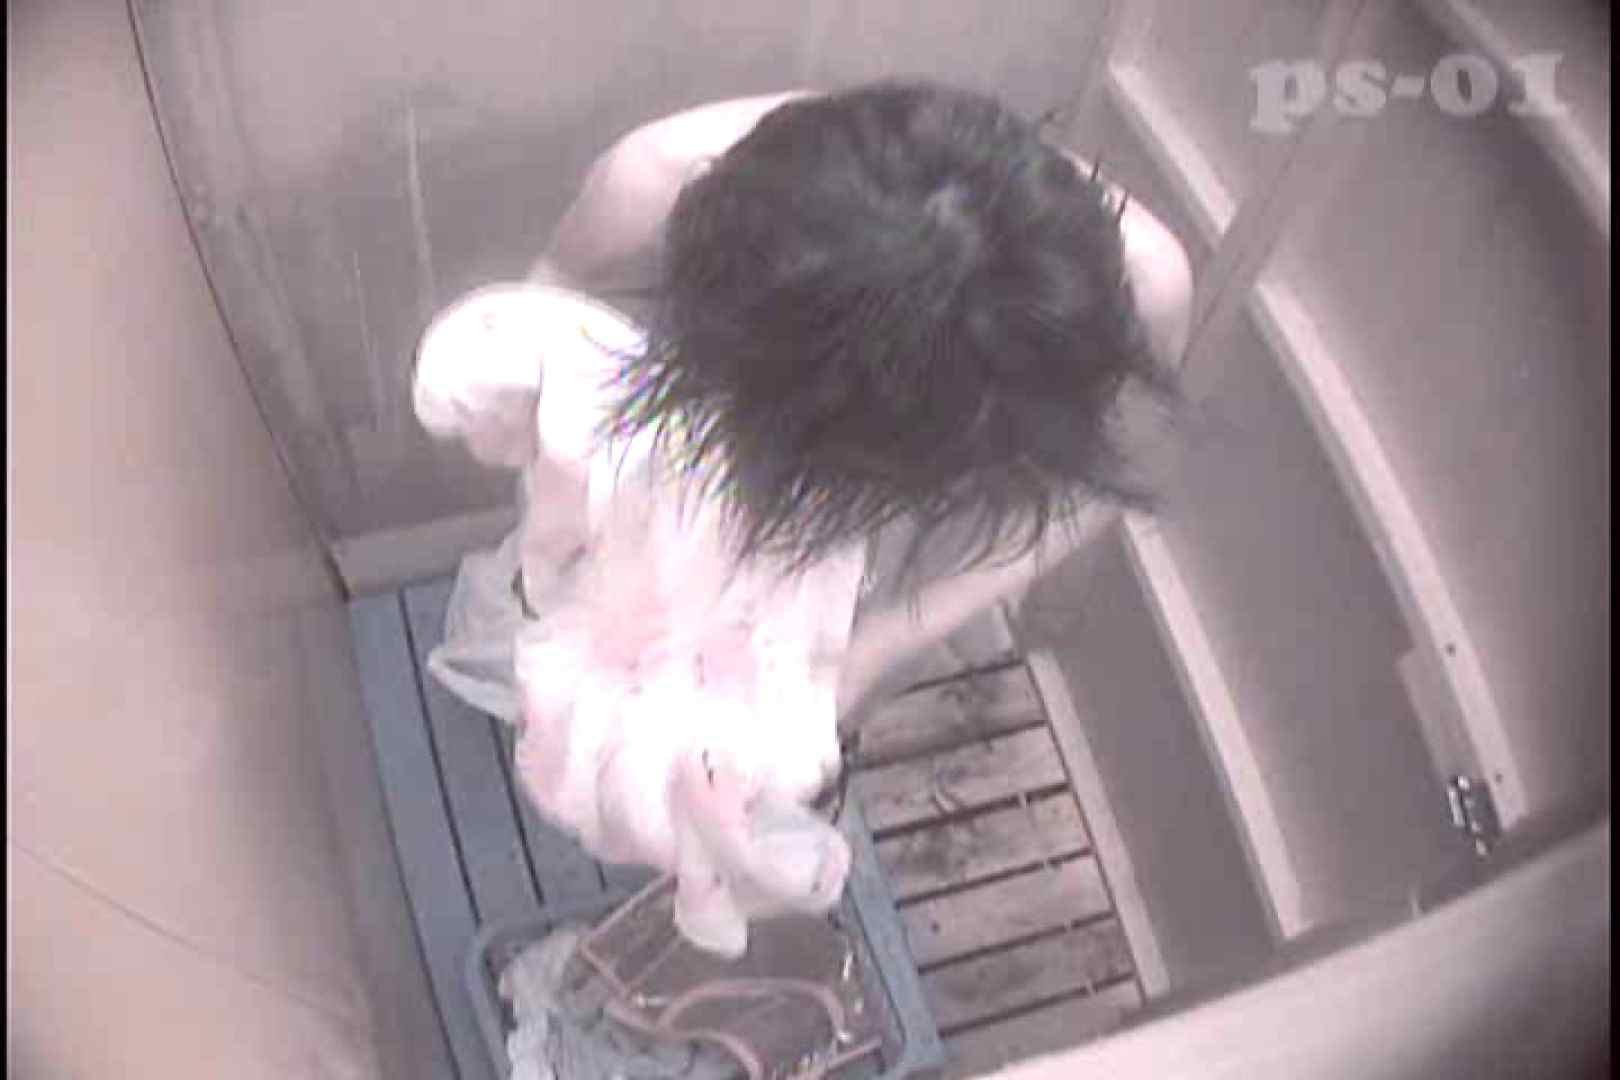 トイレ盗撮 PoPoさんのシャワールームは危険な香り Vol.01 怪盗ジョーカー